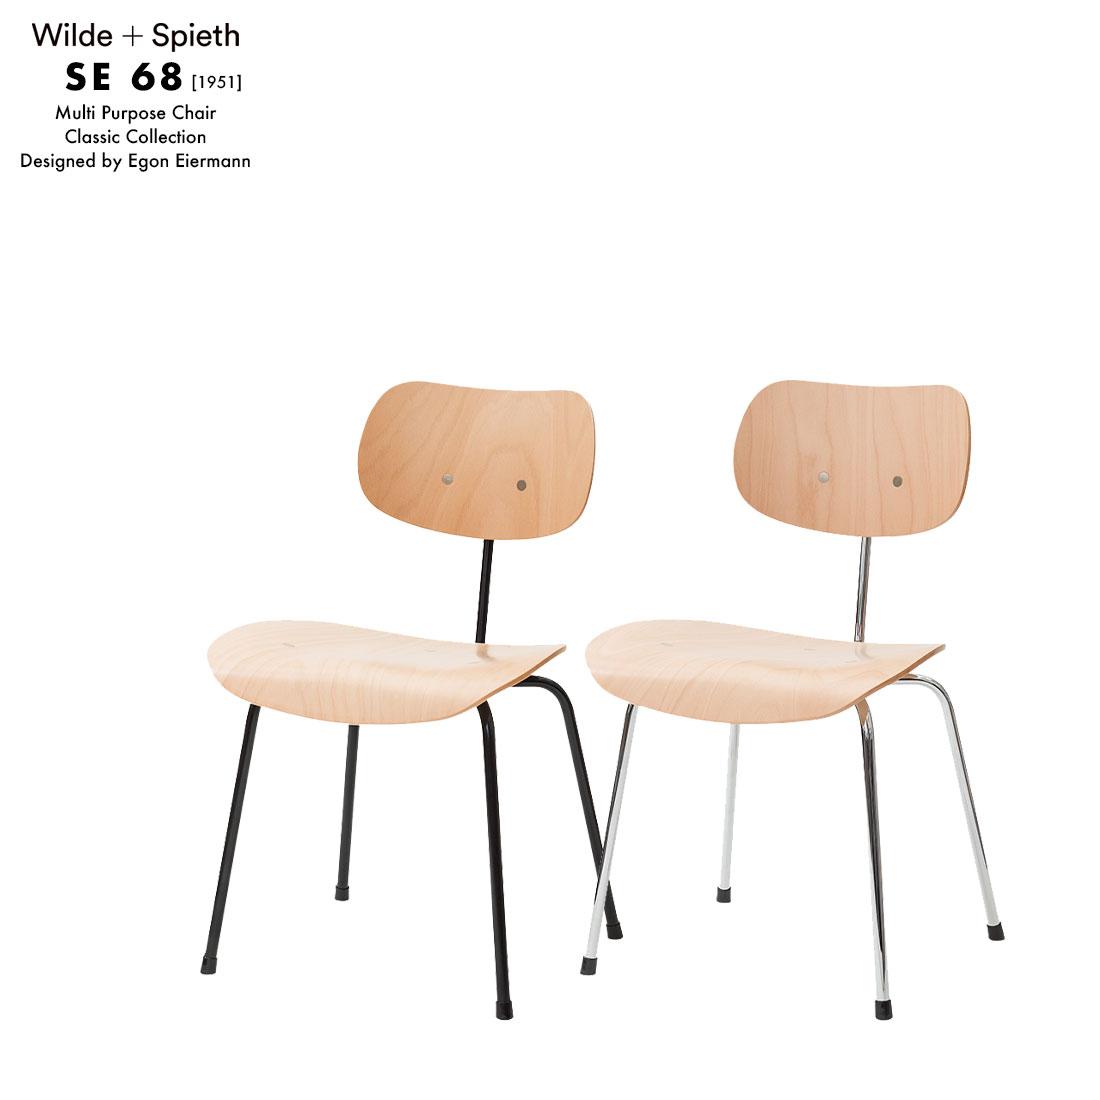 【WILDE+SPIETH/ワイルドアンドスピース】 SE68 チェアエゴン・アイアーマン/ドイツ/プライウッド/スチール/チェア/椅子